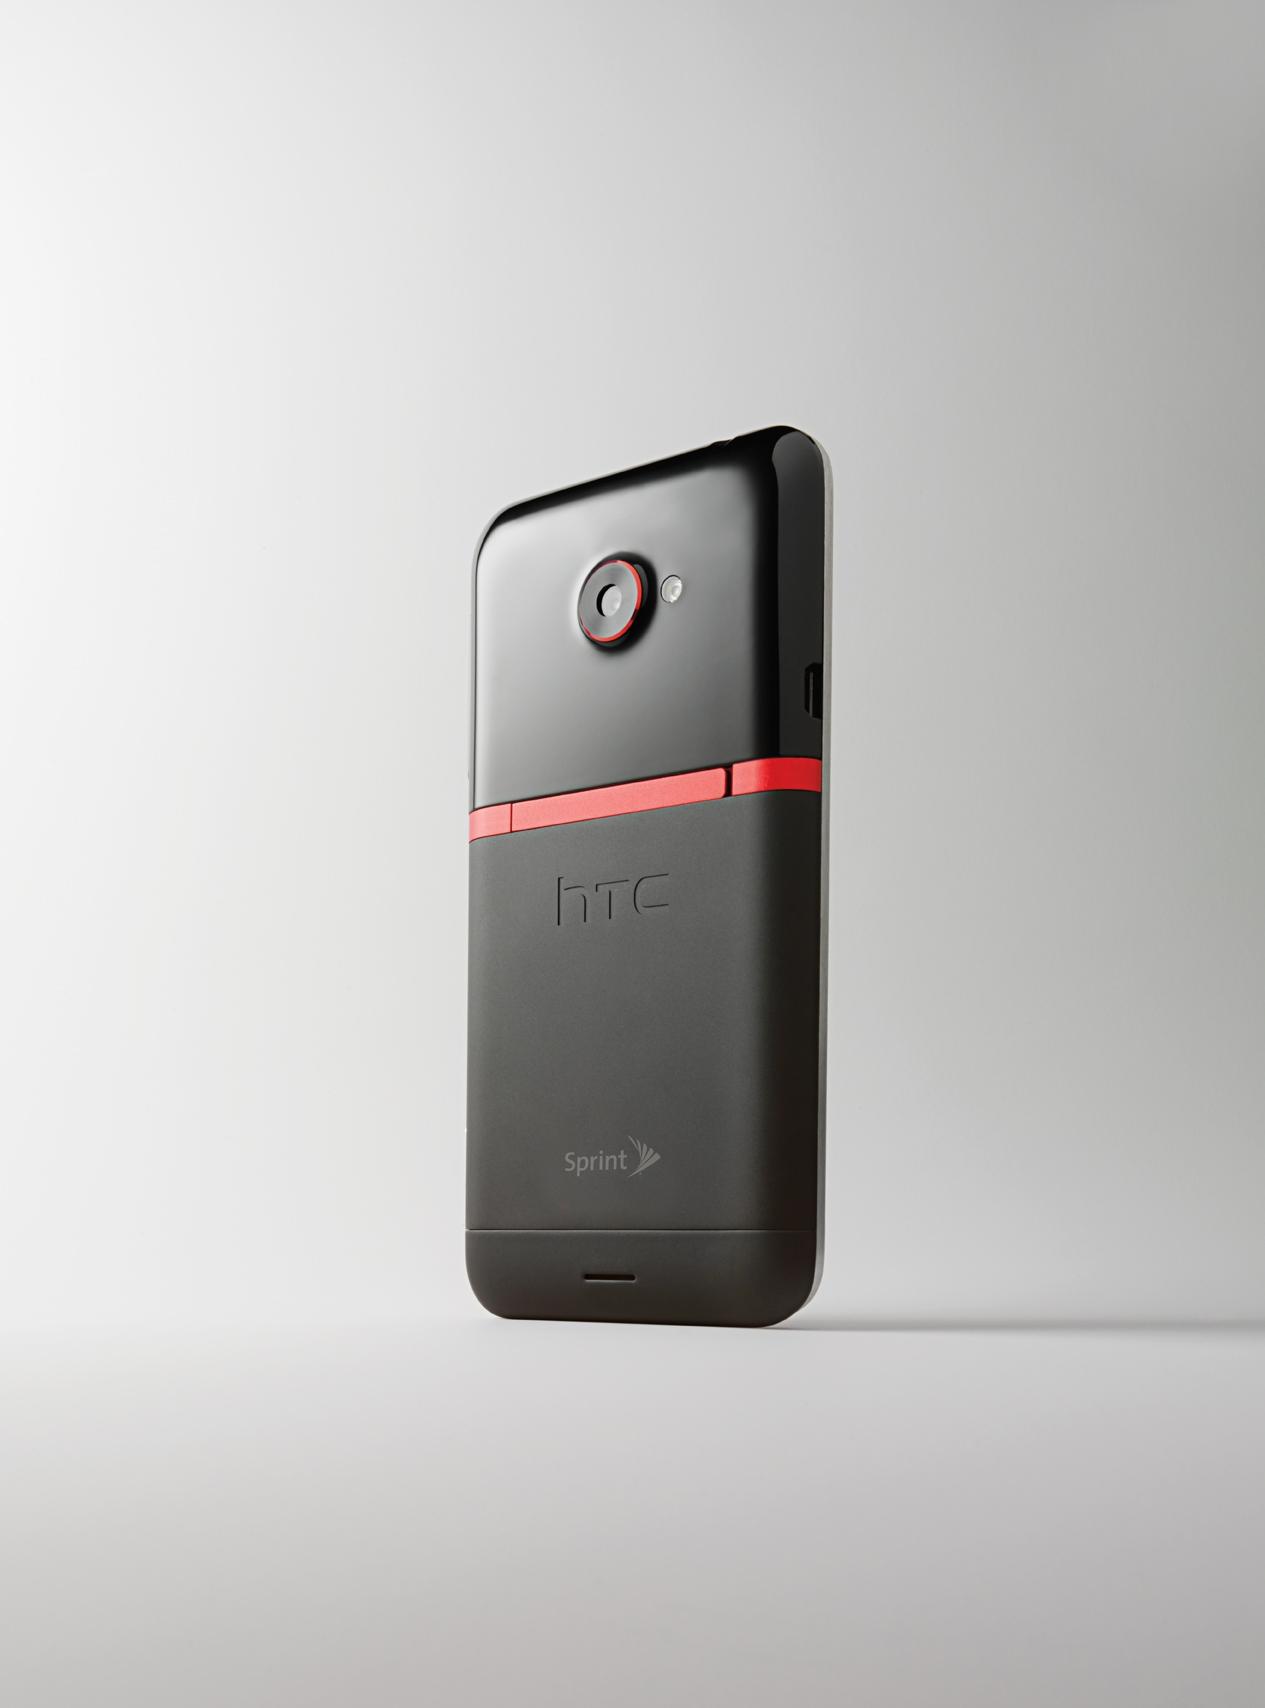 HTC-Evo-4G-LTE-back-angle